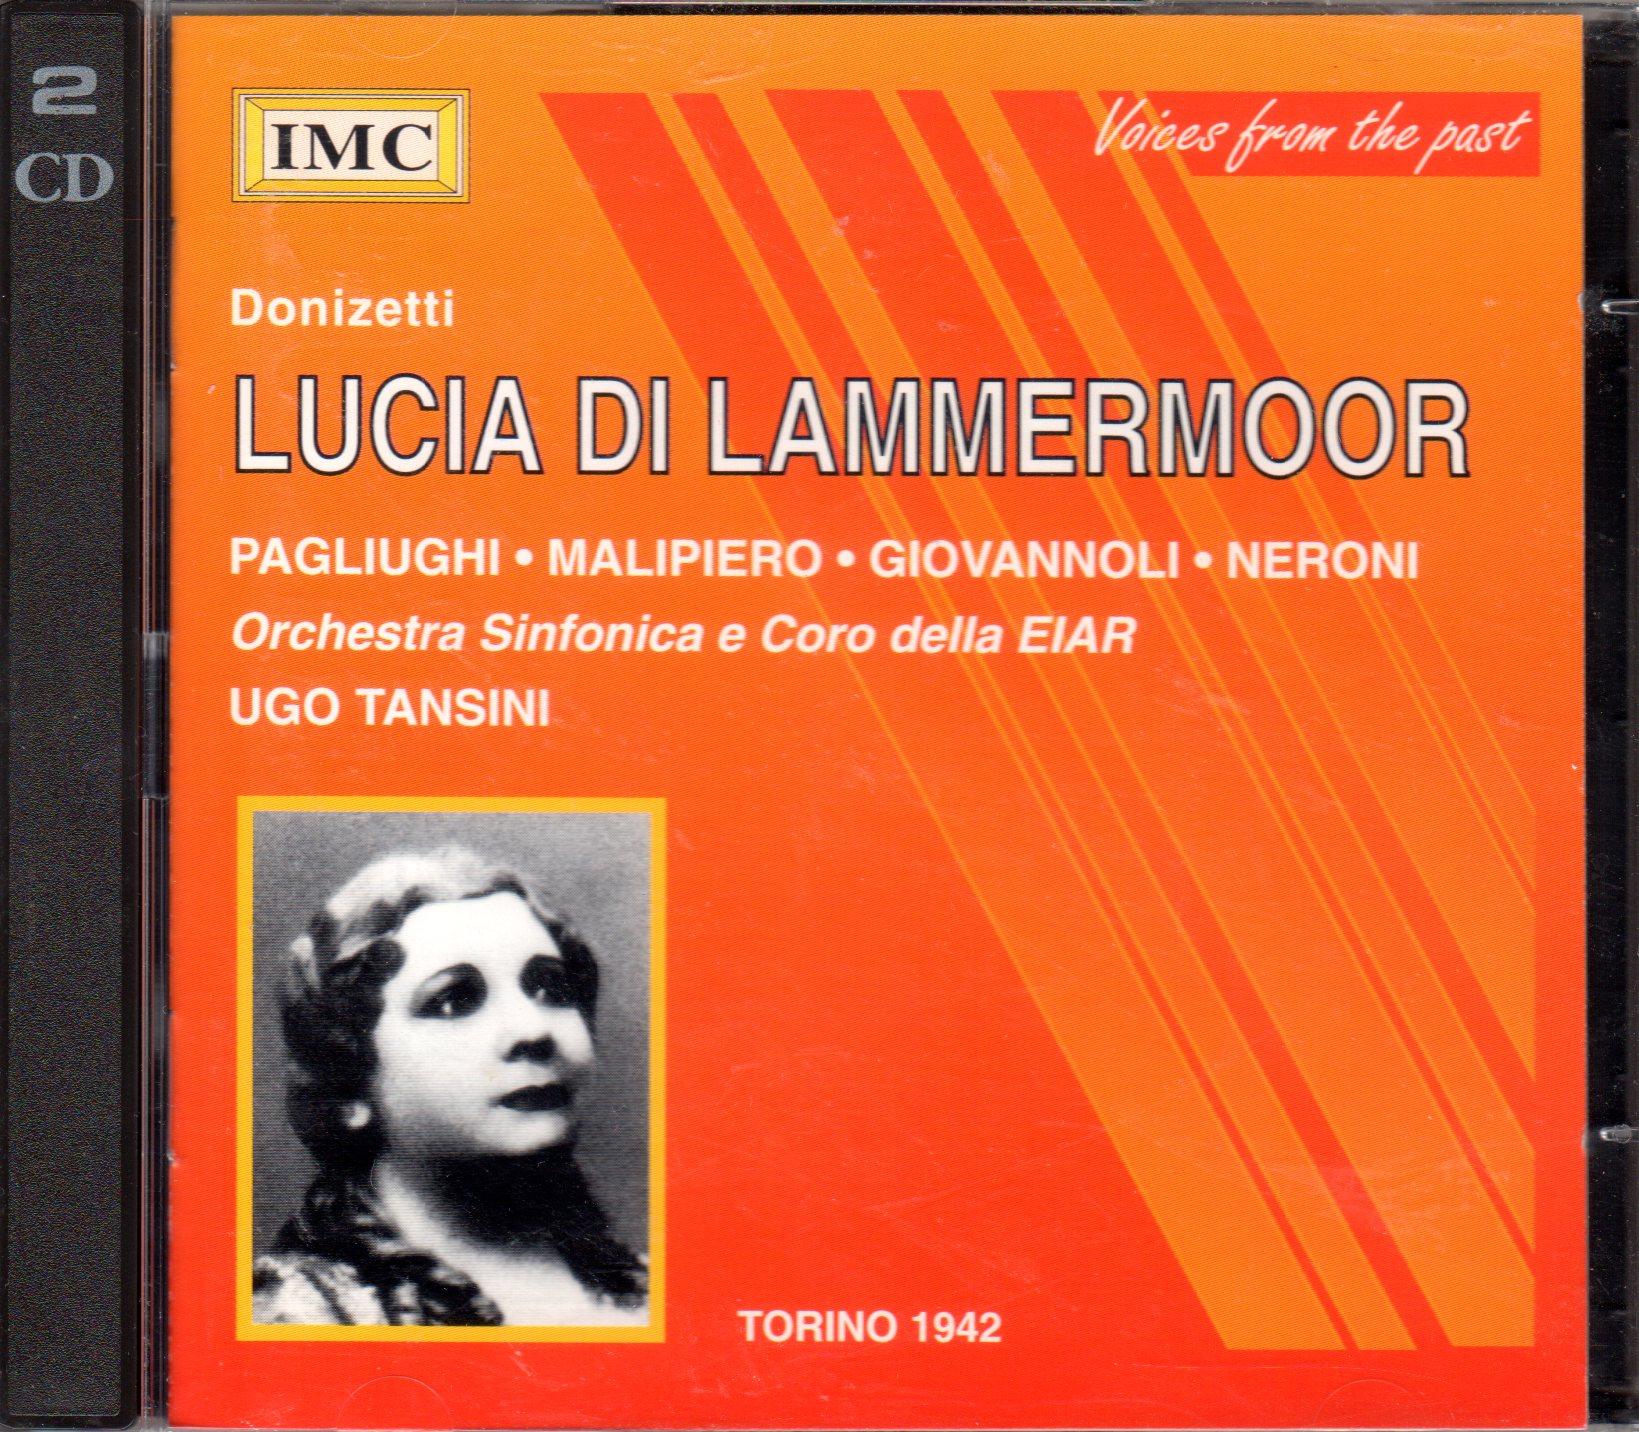 Lucia-di-Lammermoor-Pagliughi-Malipiero0